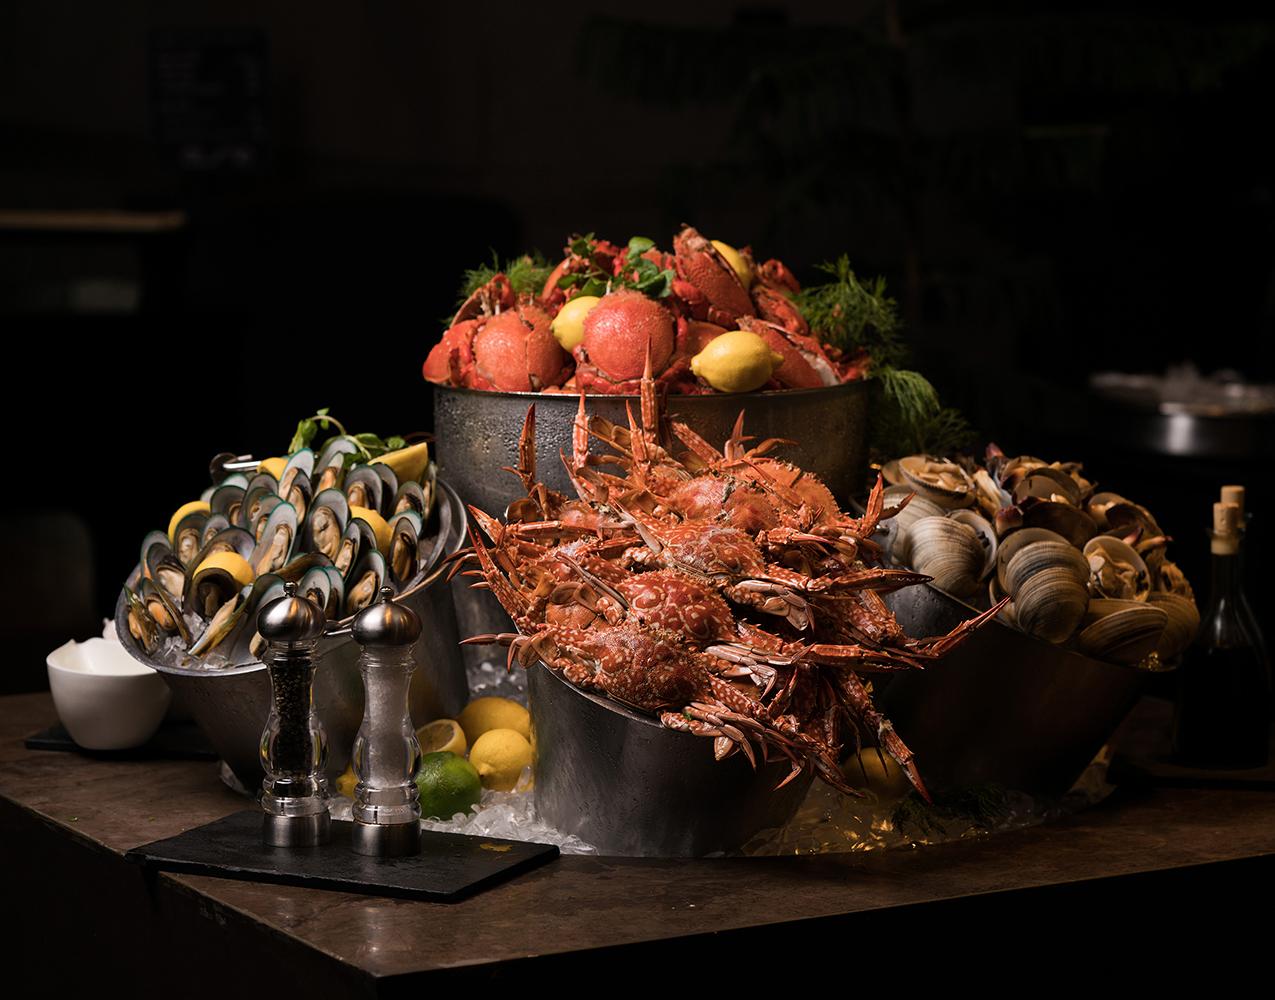 Cucina - Seafood